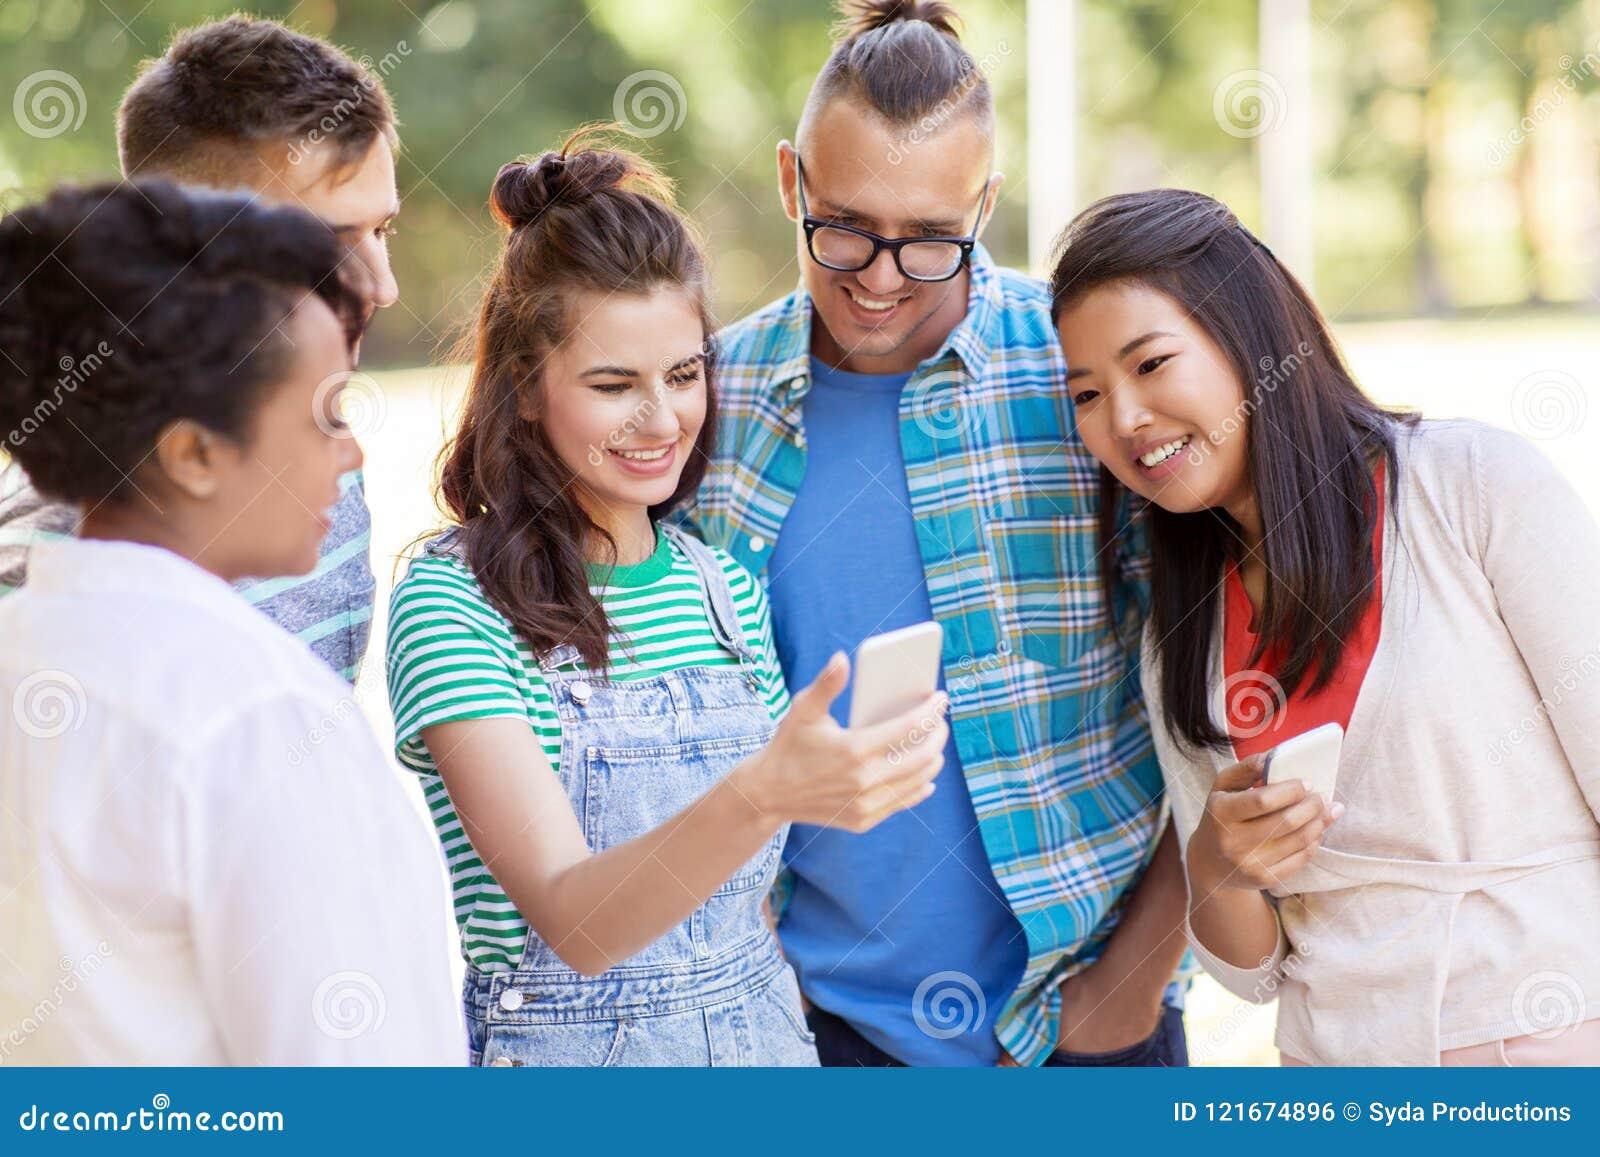 JEANINE: International friends online